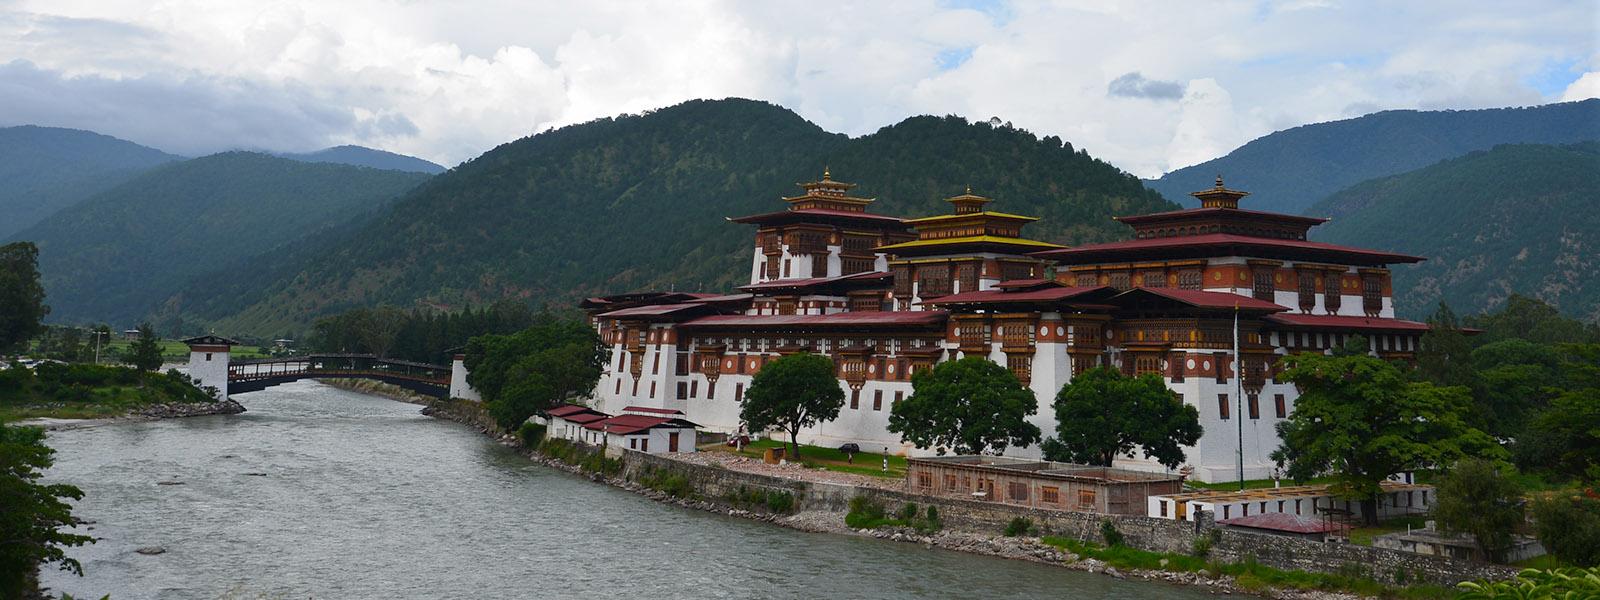 Punakha Dzong Fortress